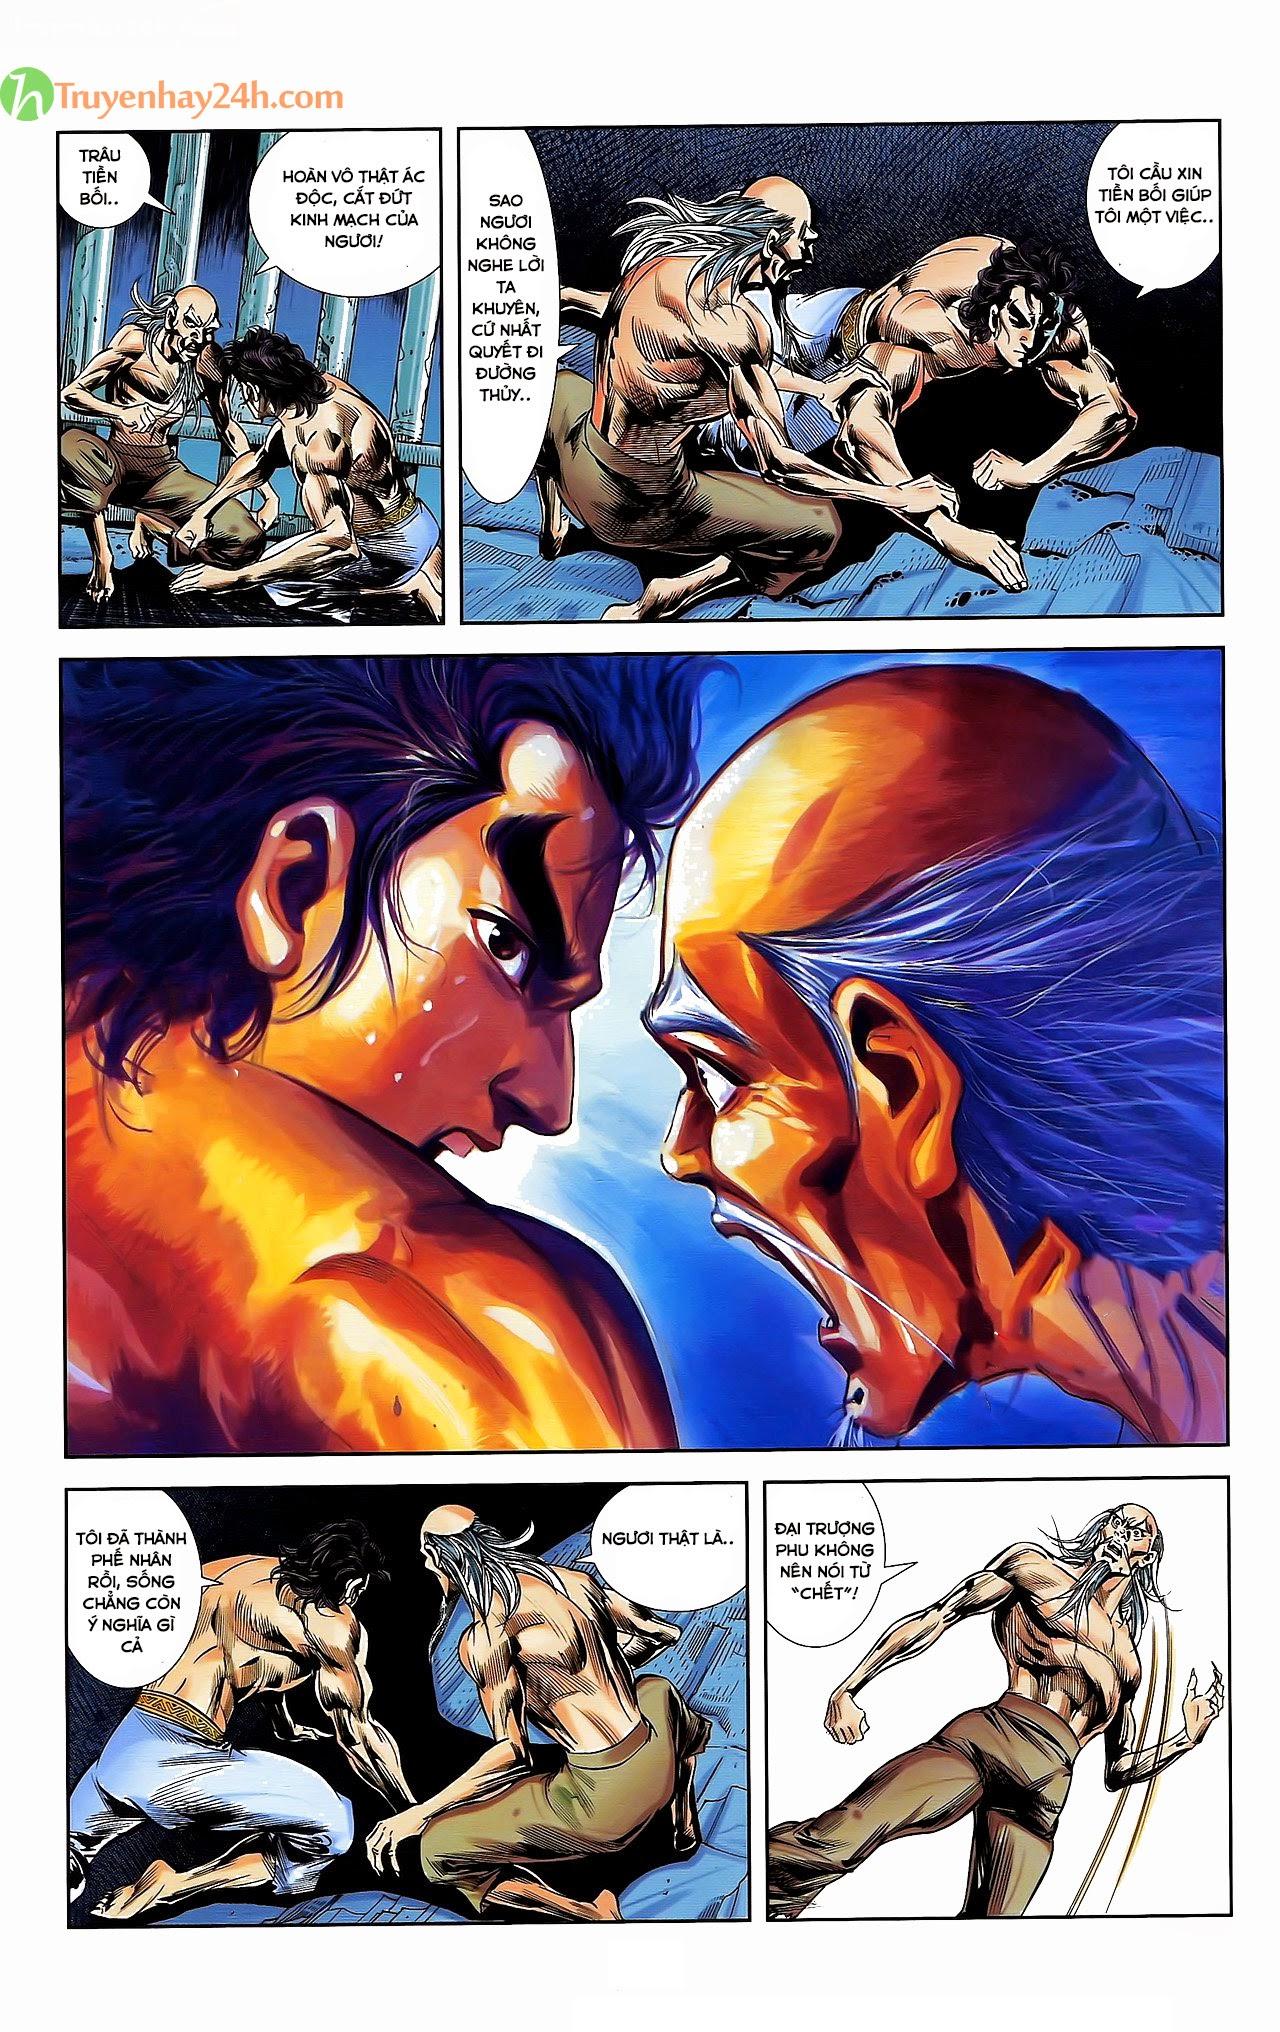 Tần Vương Doanh Chính chapter 30 trang 11